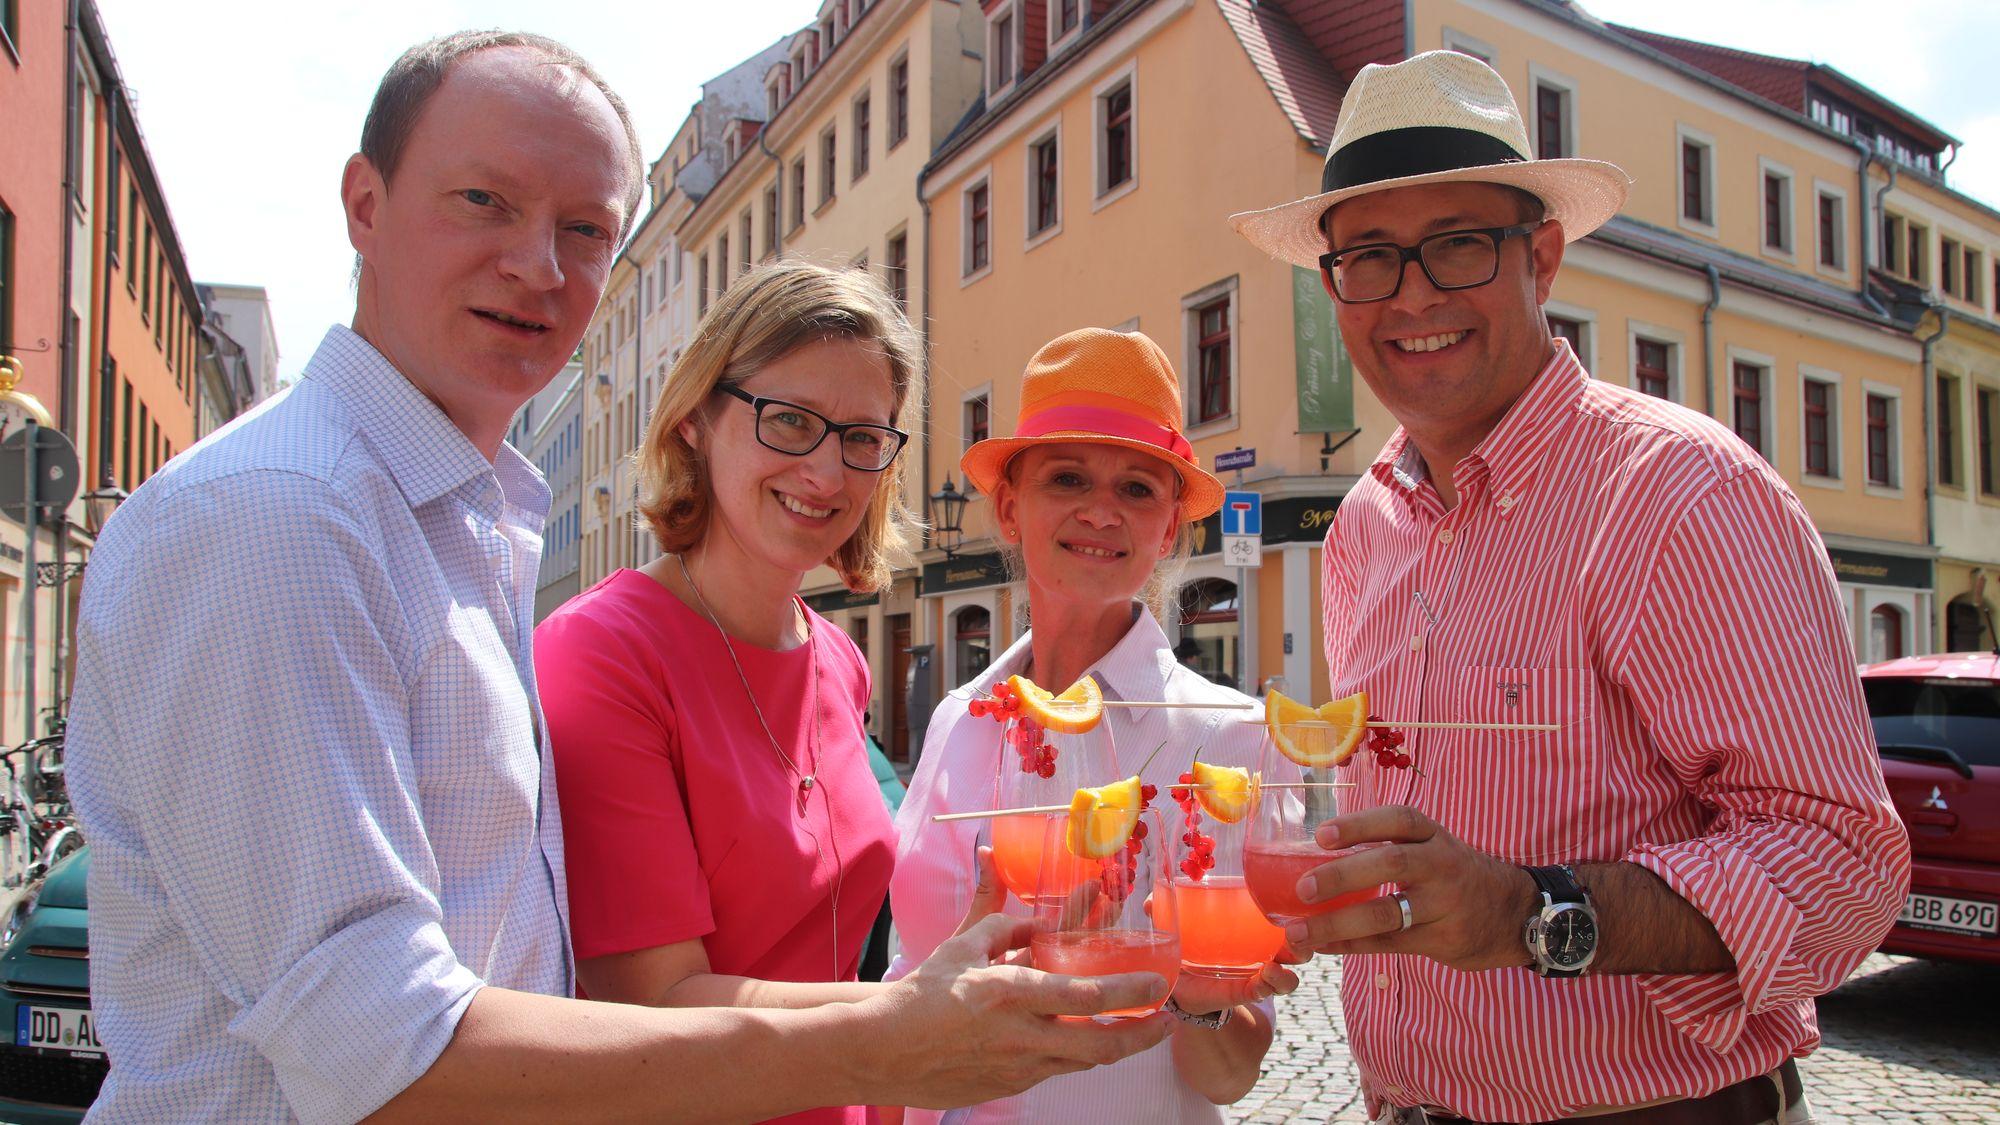 René Arndt, Jutta Rönsch und Franziska Rüpprich organisieren die Cocktailnacht, Adrian Glöckner sponsort den Hauptgewinn. (v.l.)